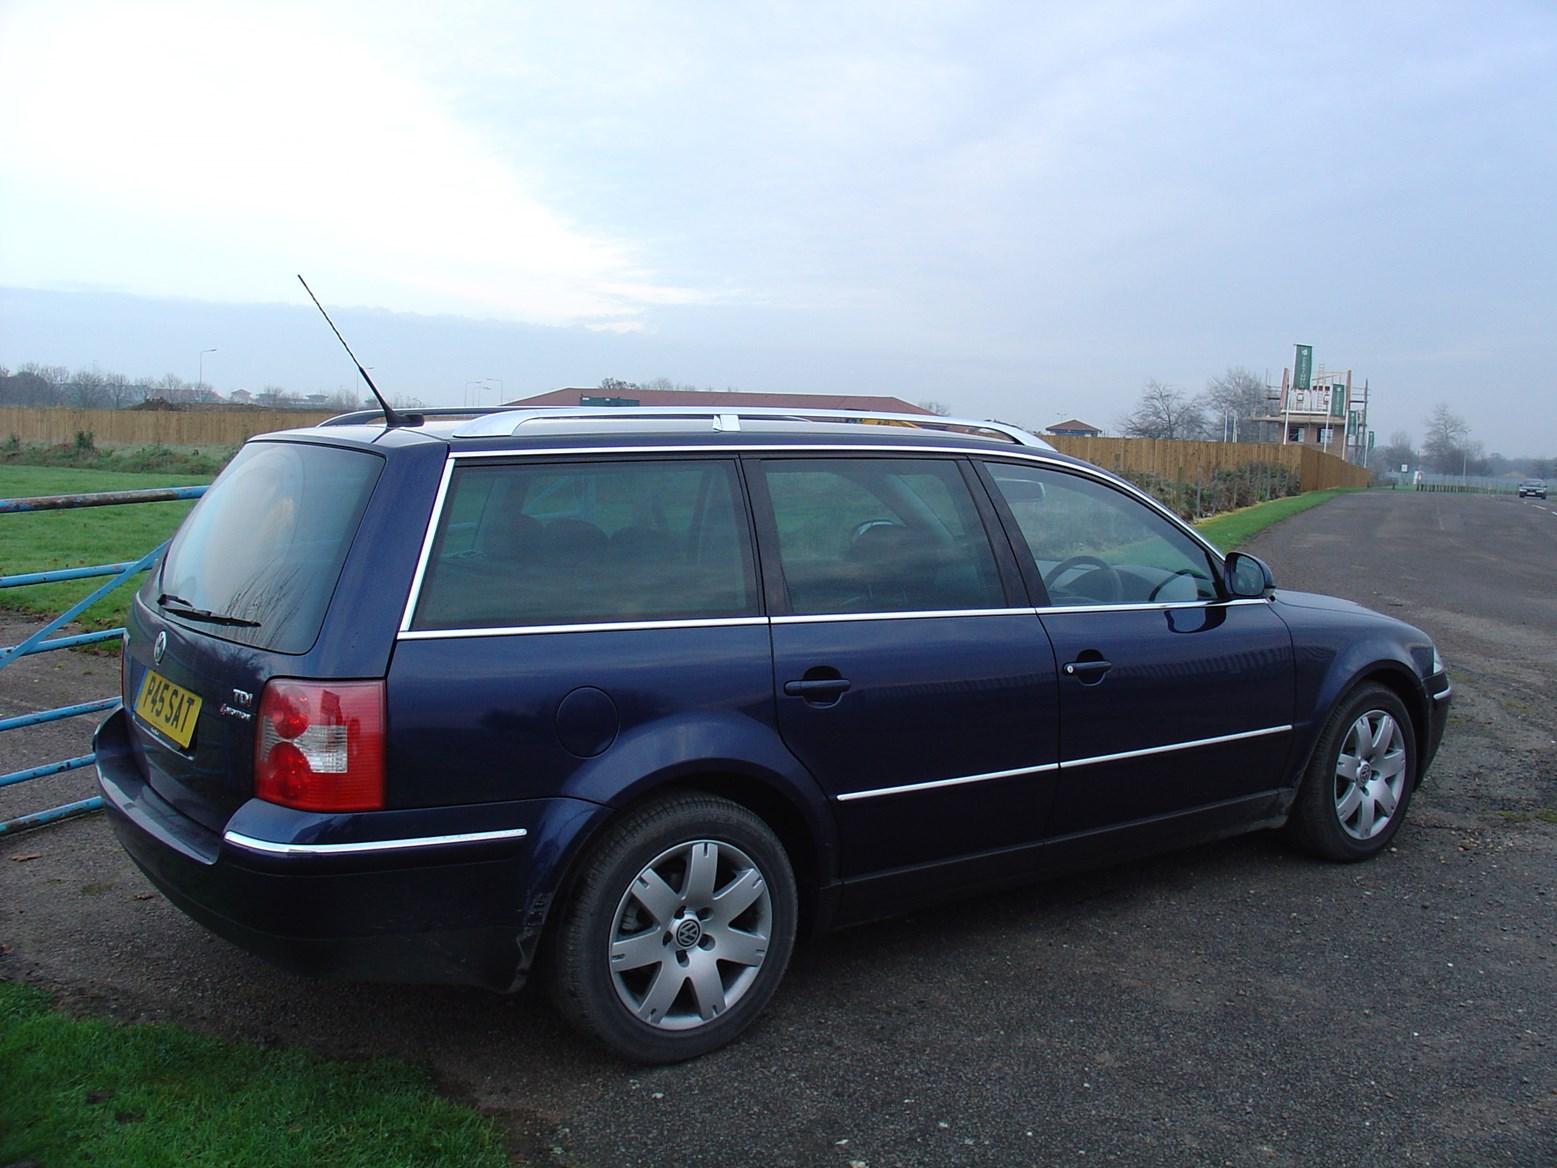 Used Volkswagen Passat >> Volkswagen Passat Estate Review (2000 - 2005) | Parkers